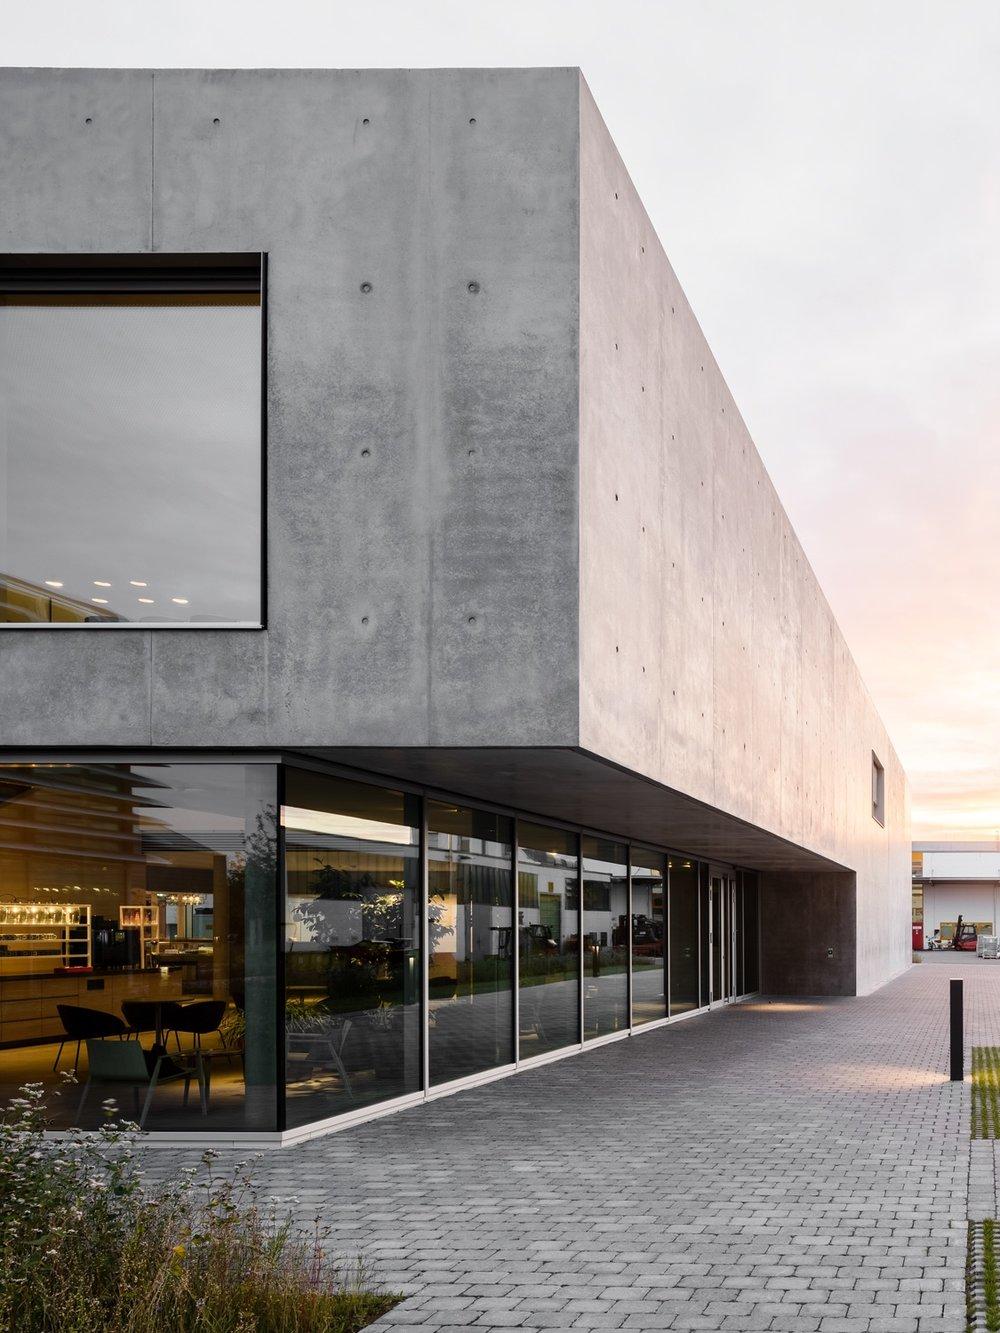 Exterior perspective ©hiepler, brunier,